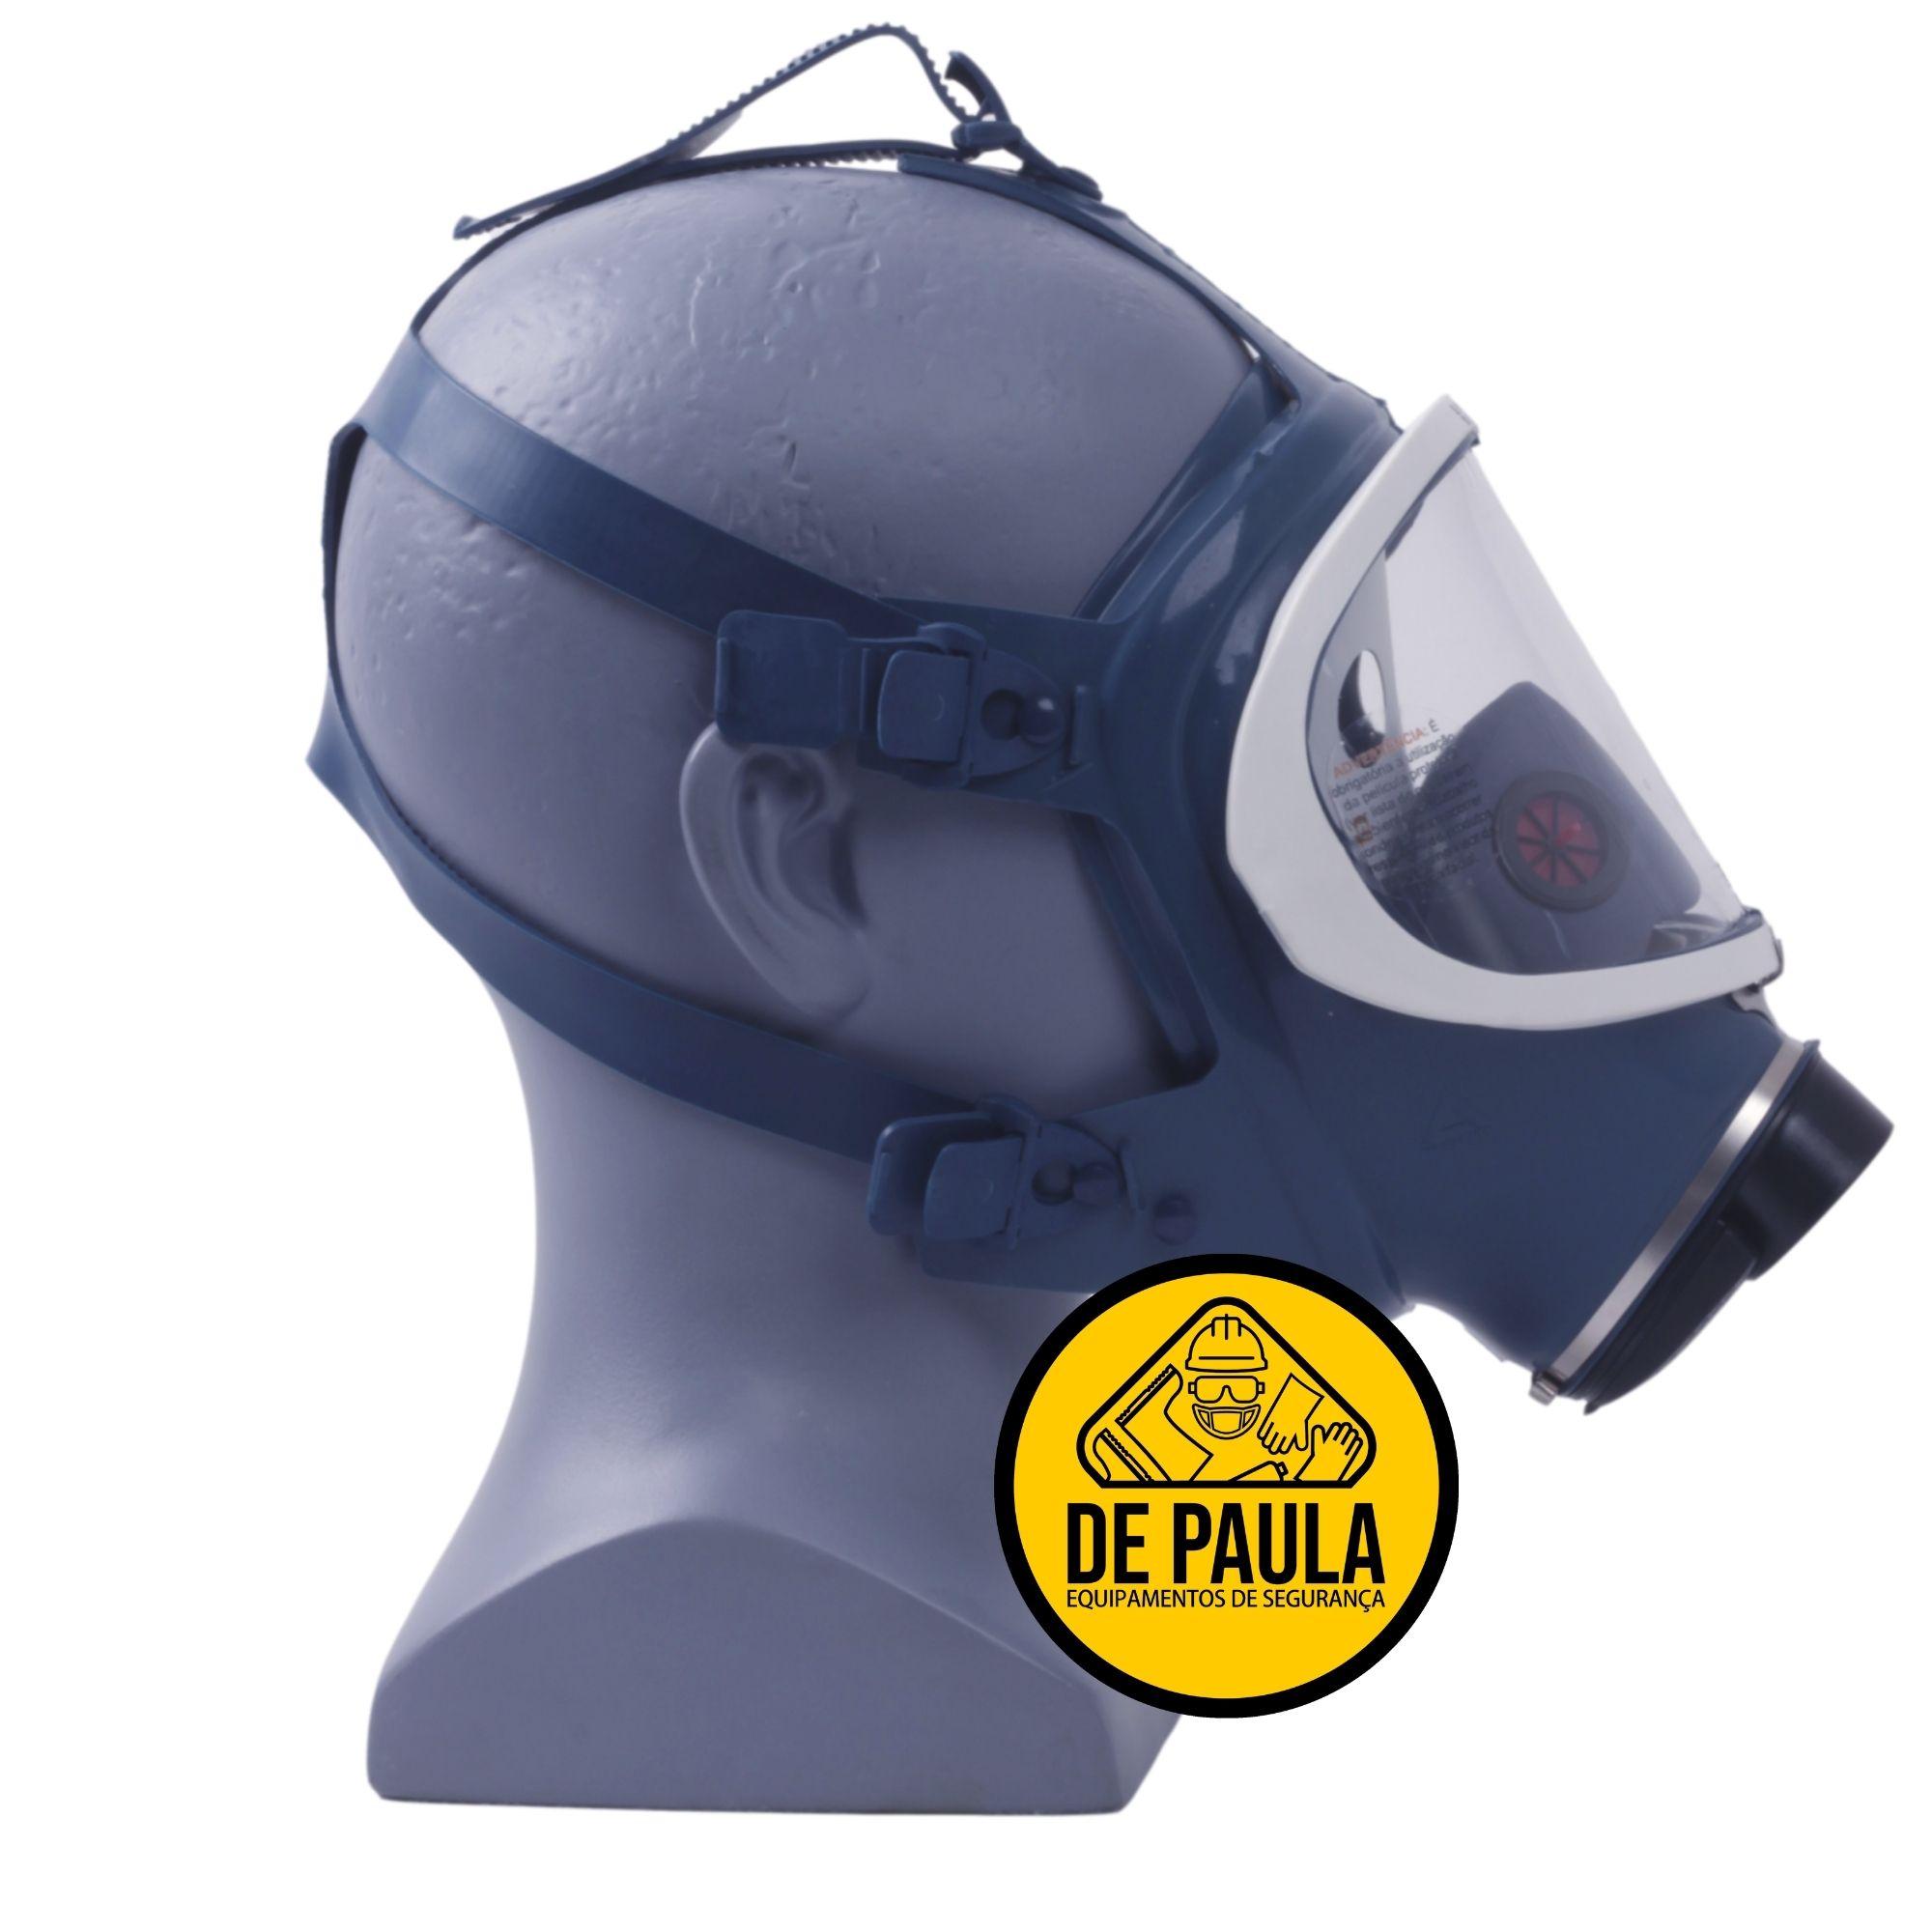 MÁSCARA PANORAMICA FULL FACE - AIR SAFETY - CA Nº 5758